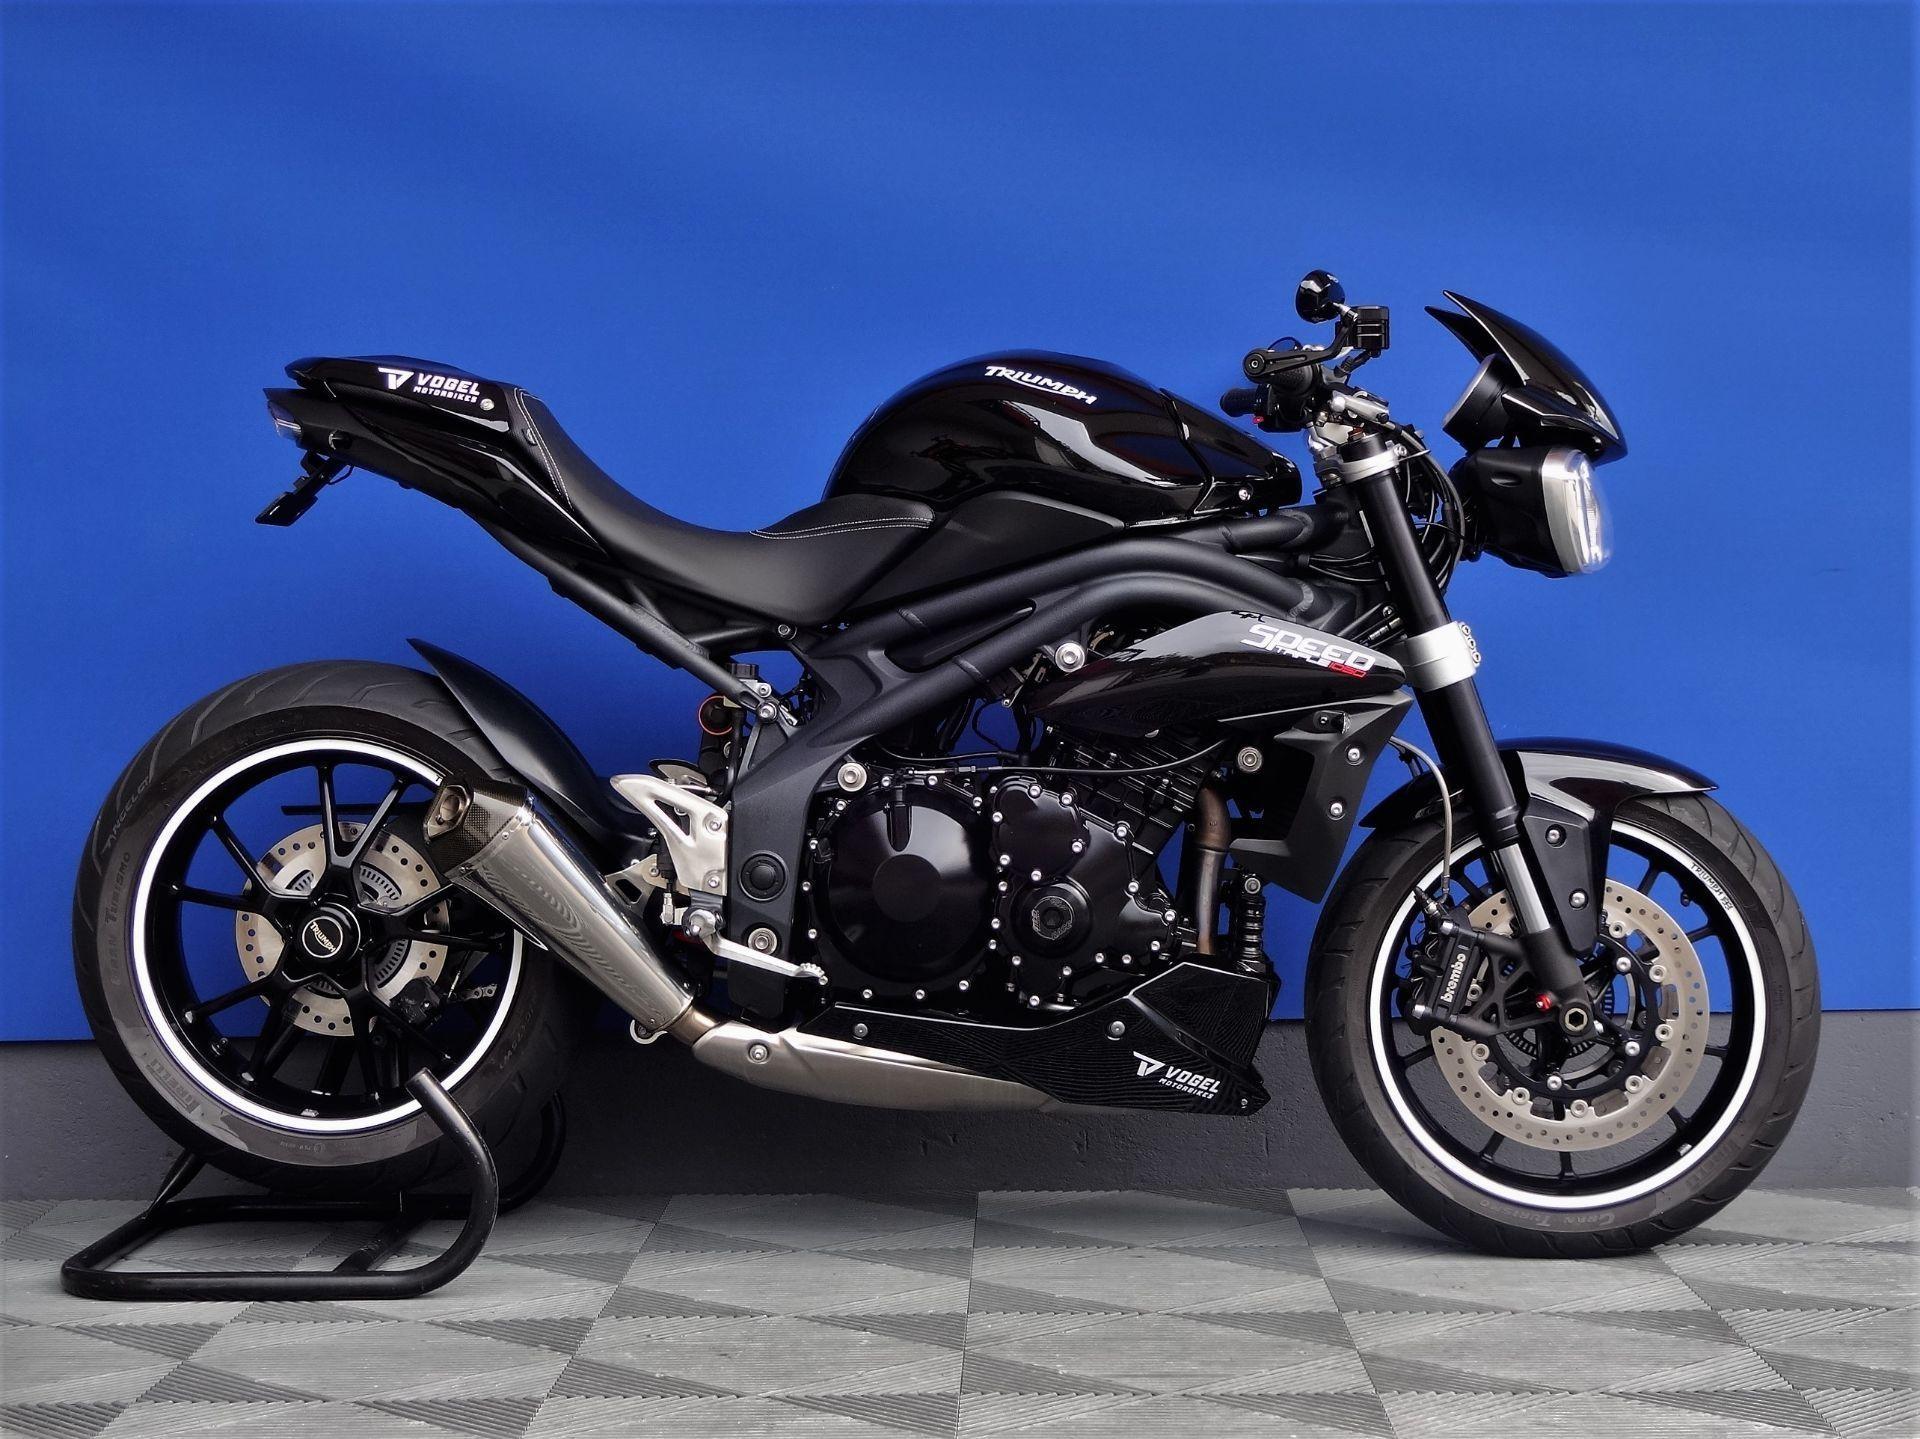 triumph speed triple 1050 remus vogel motorbikes sch pfheim occasion. Black Bedroom Furniture Sets. Home Design Ideas